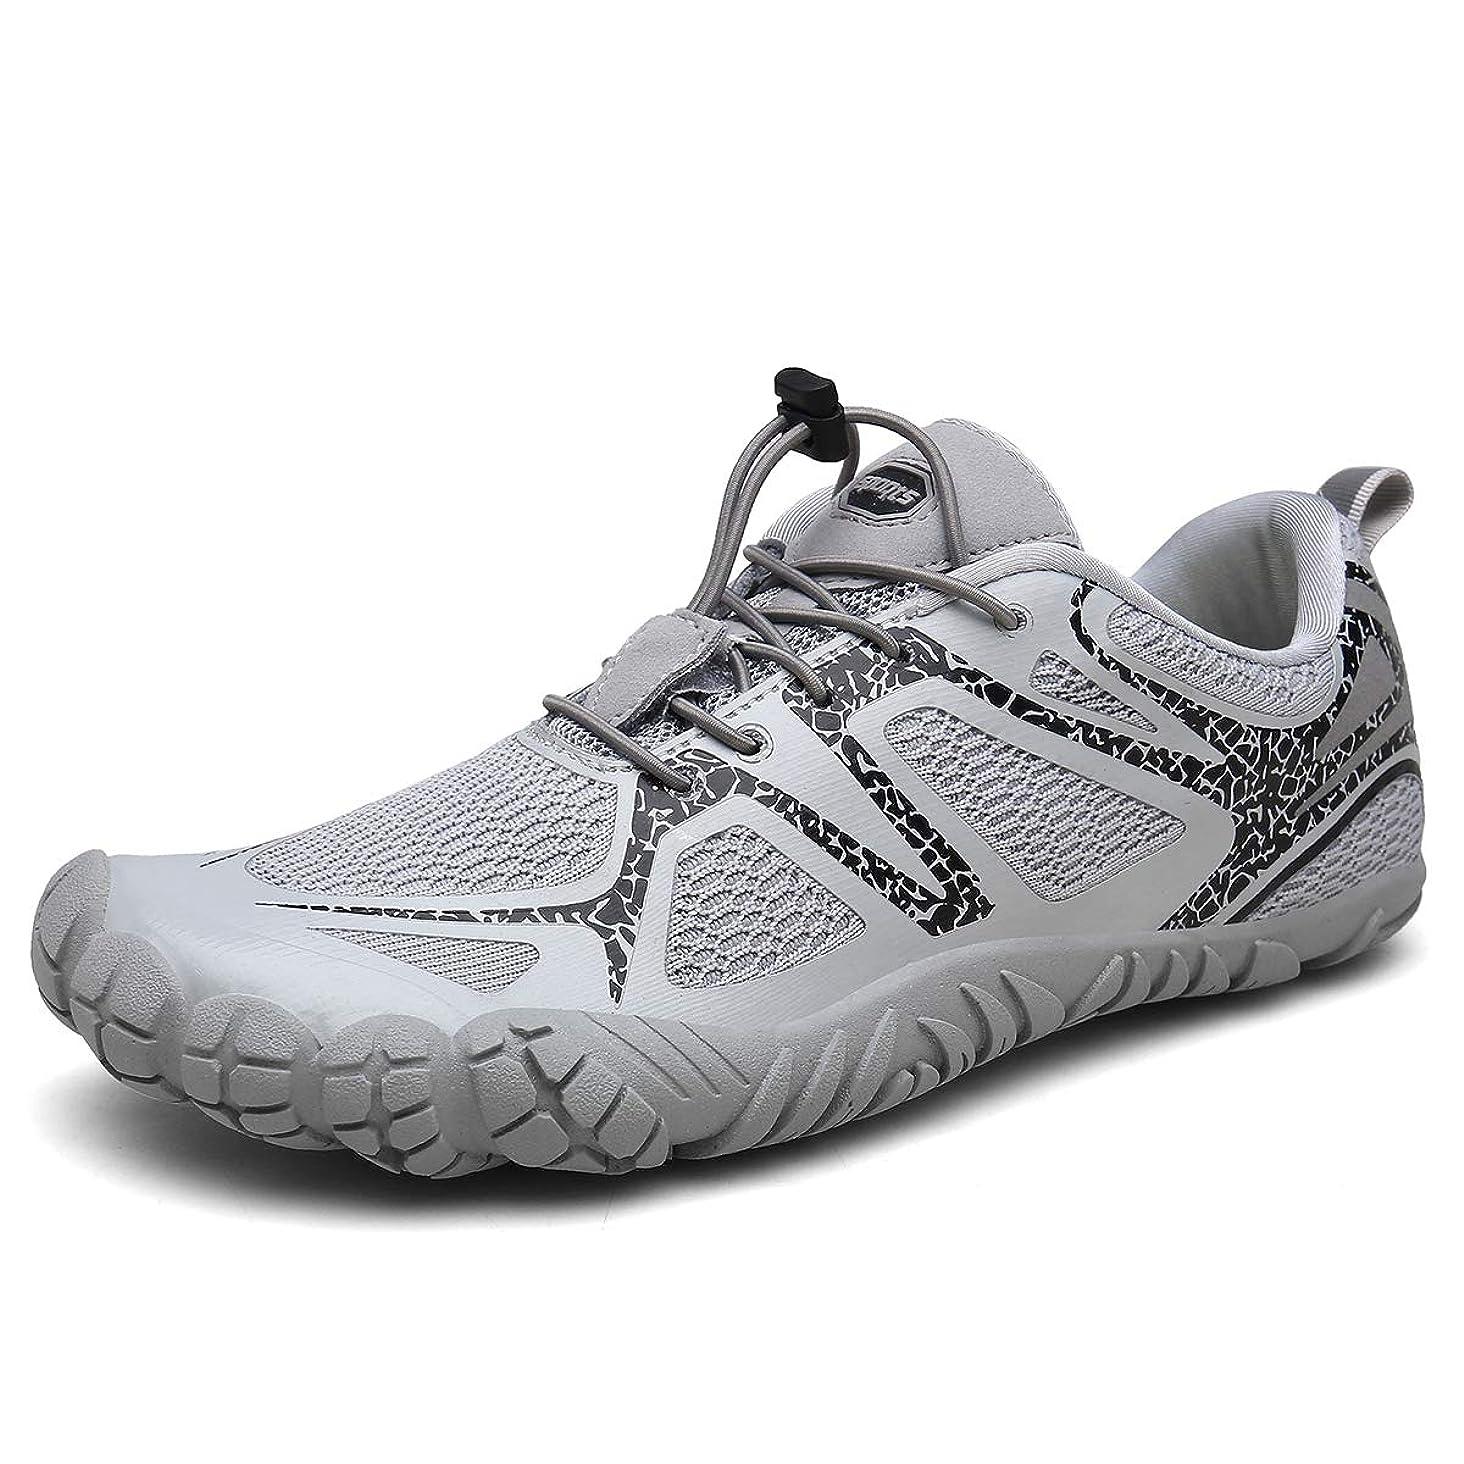 最初は依存アクロバット[Zcoli] ランニングシューズ メンズ 軽量 トレーニングシューズ レディース フィットネスシューズ 通気 ウォーキングシューズ フィットネス ジョギング スポーツシューズ